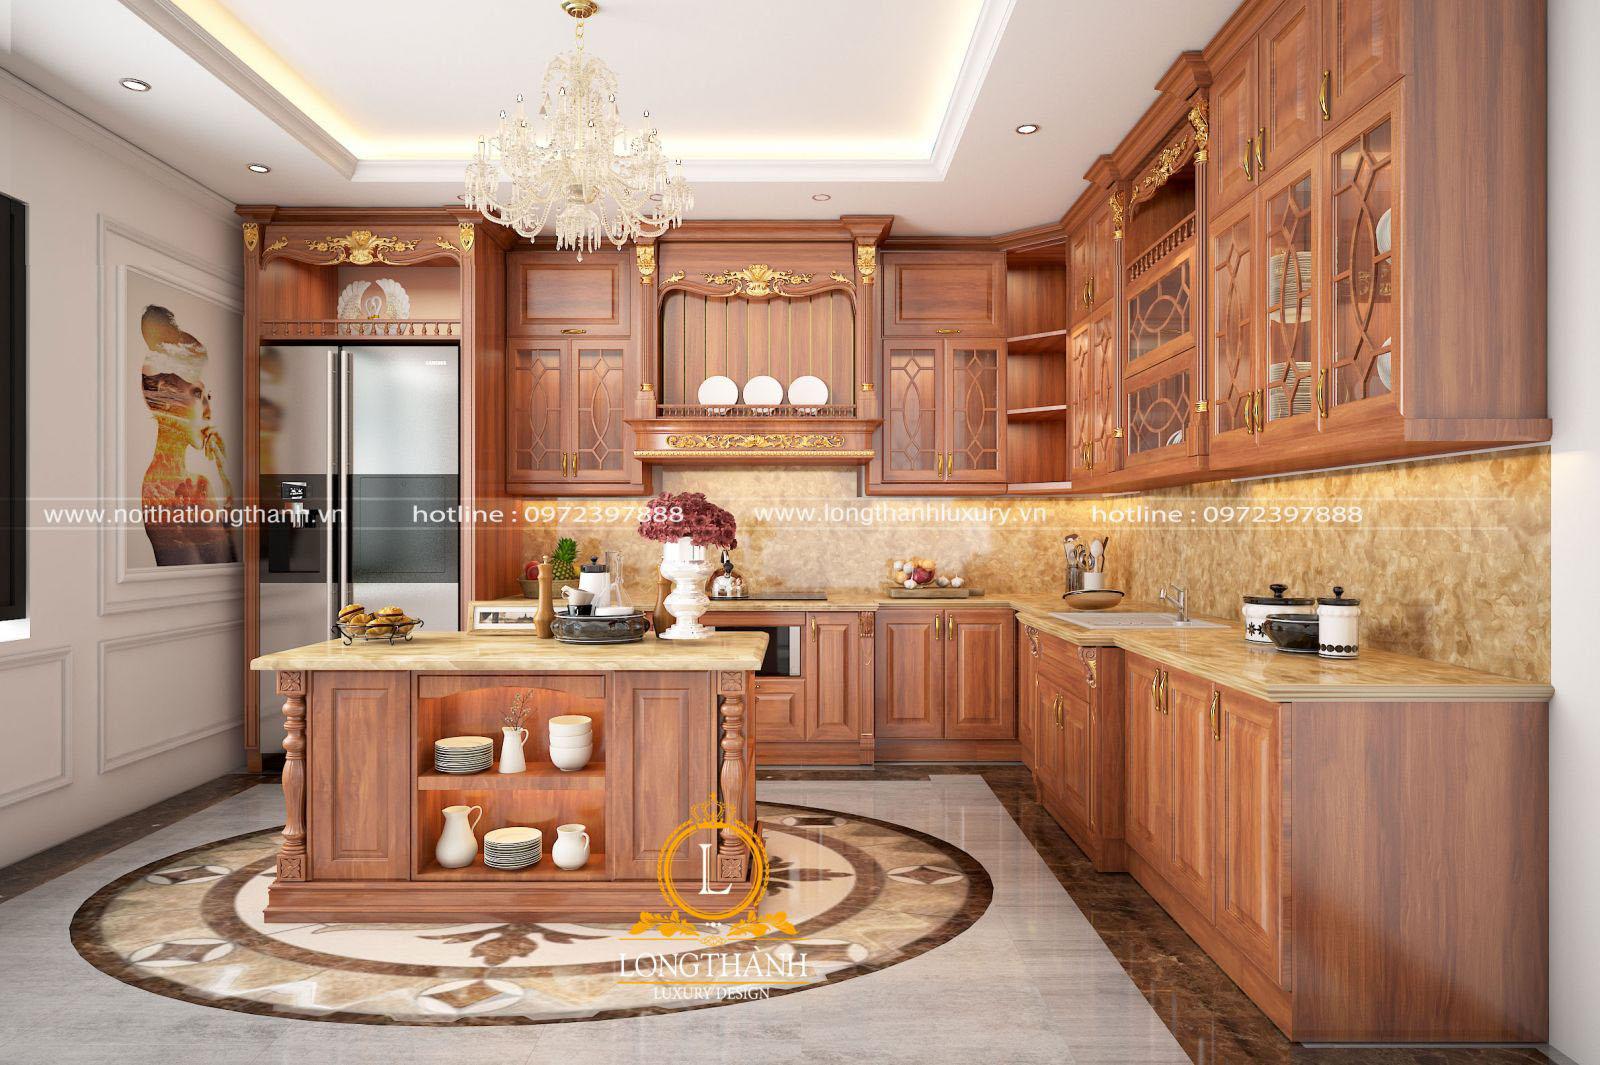 Thiết kế tủ bếp tân cổ điển nhà ống